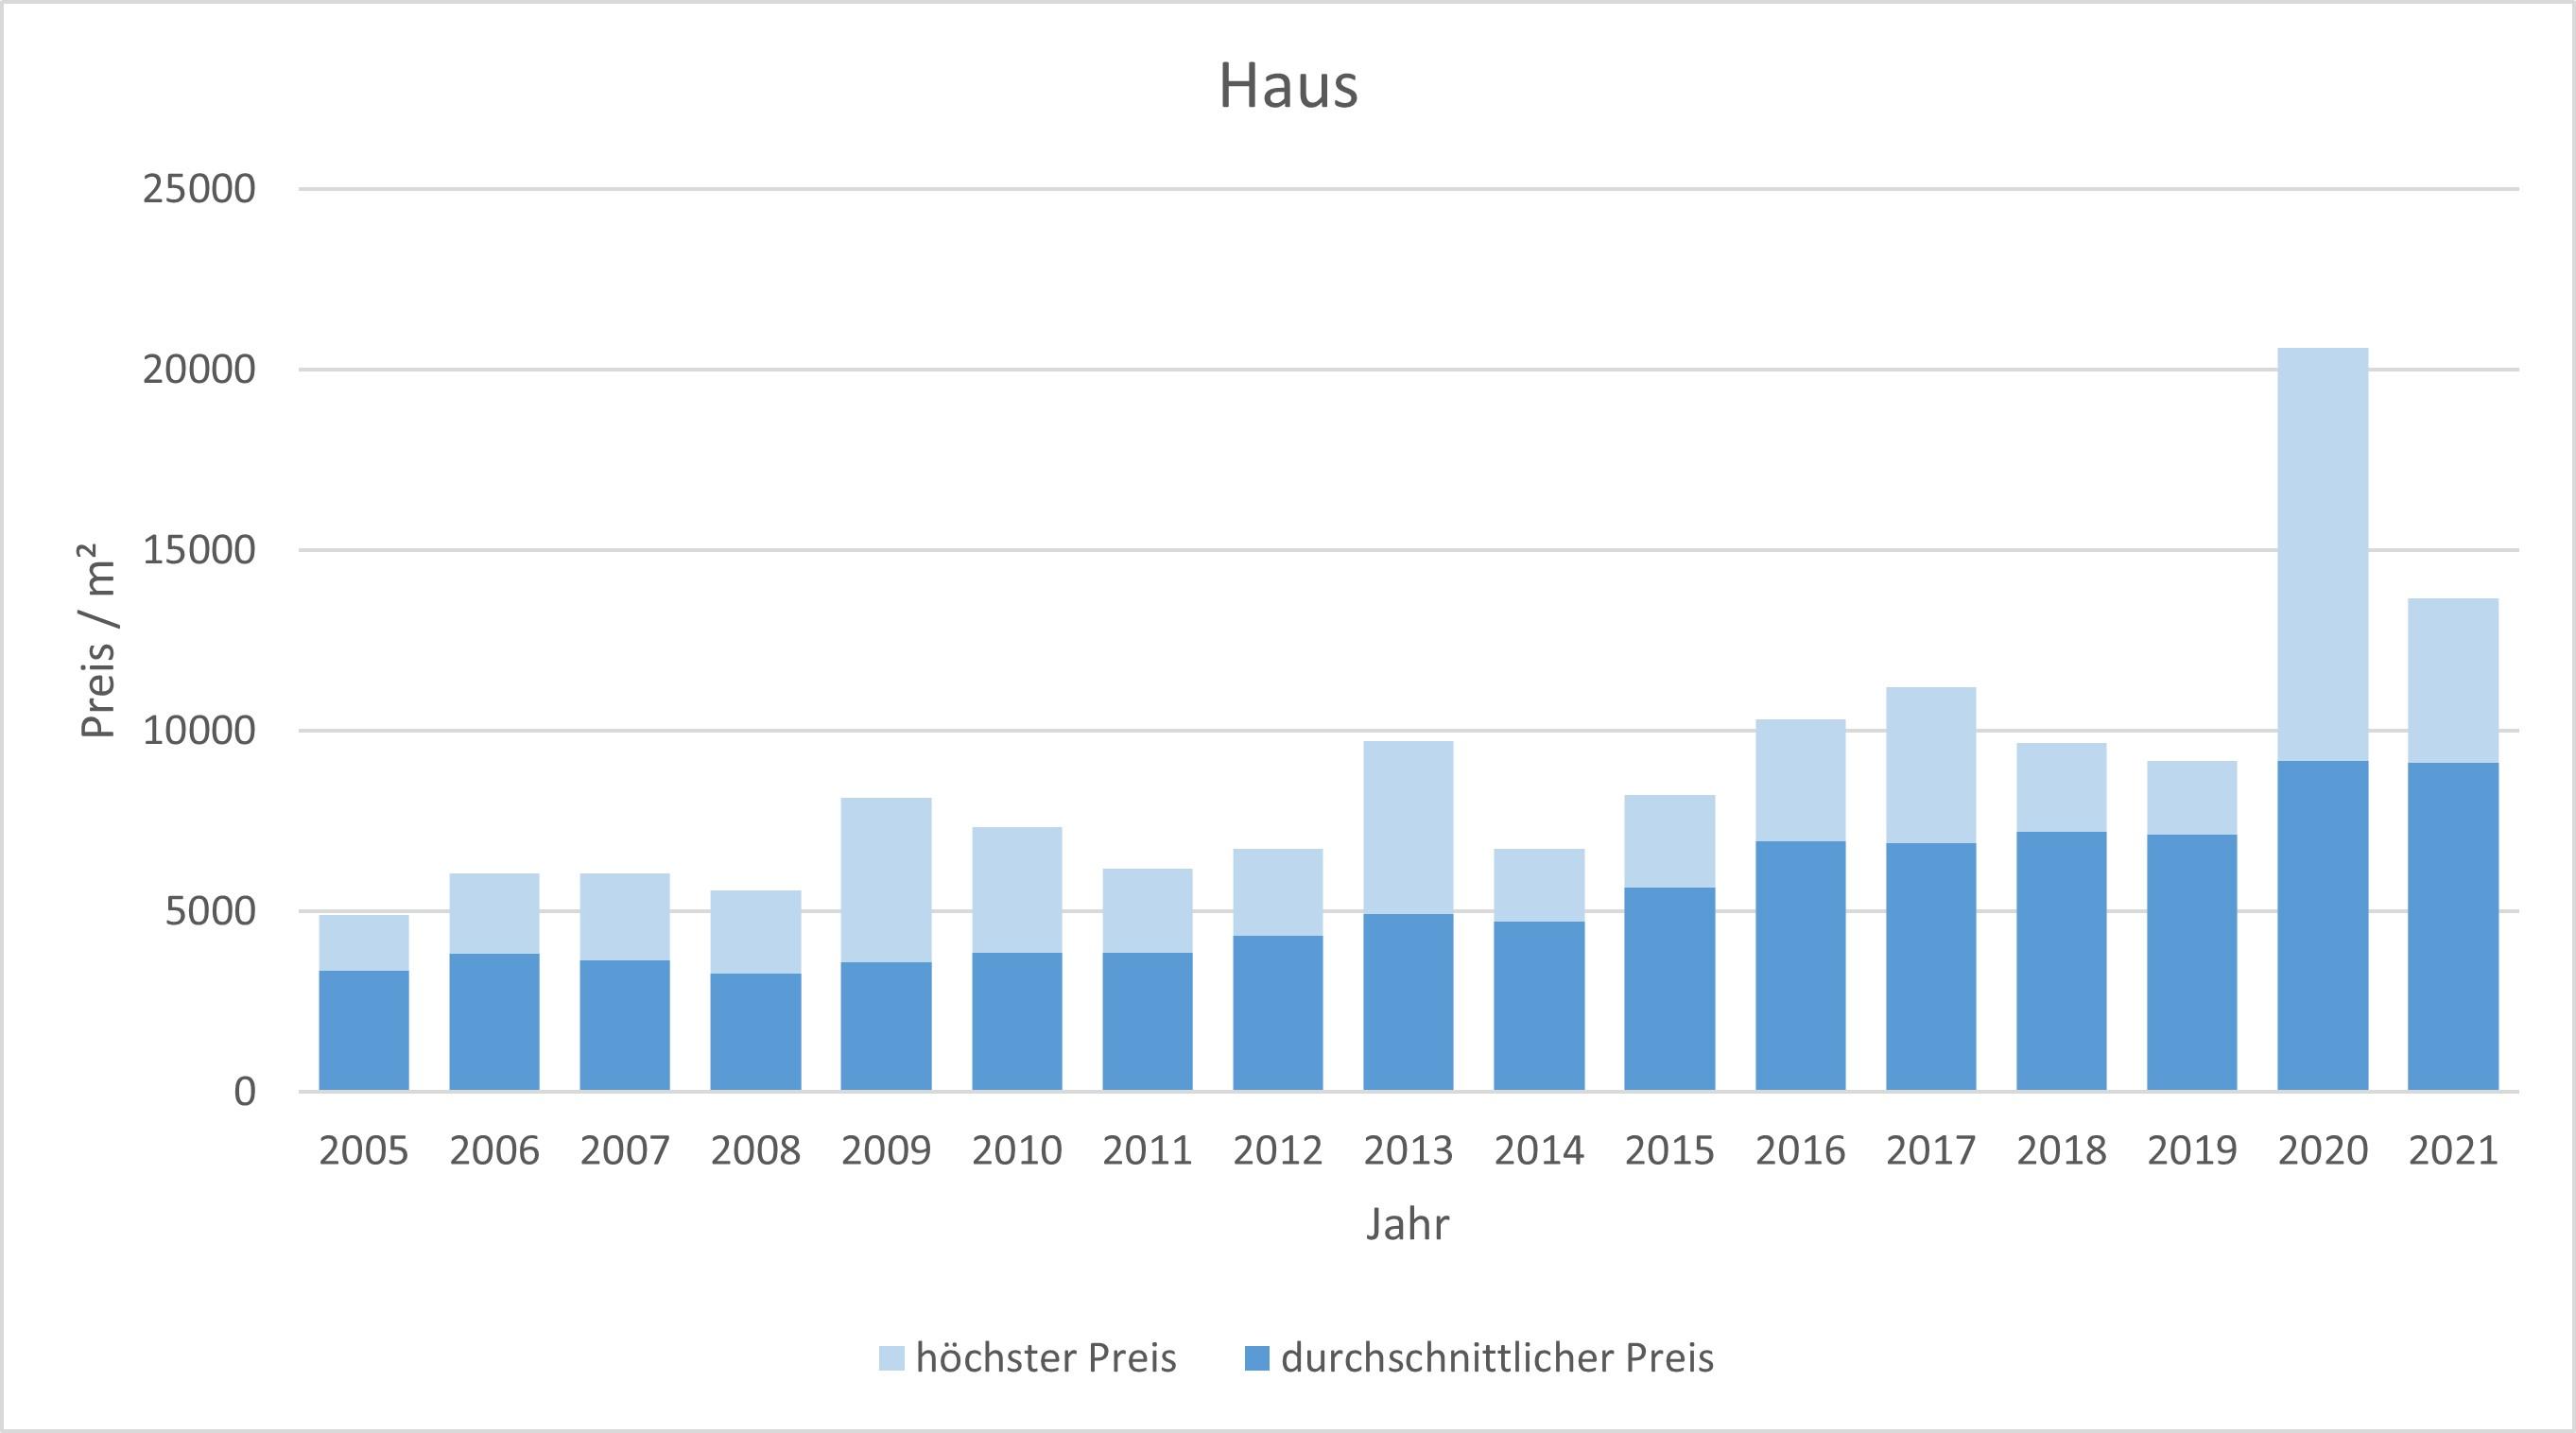 Baierbrunn Makler Haus Kaufen Verkaufen Preis Bewertung 2019, 2020, 2021